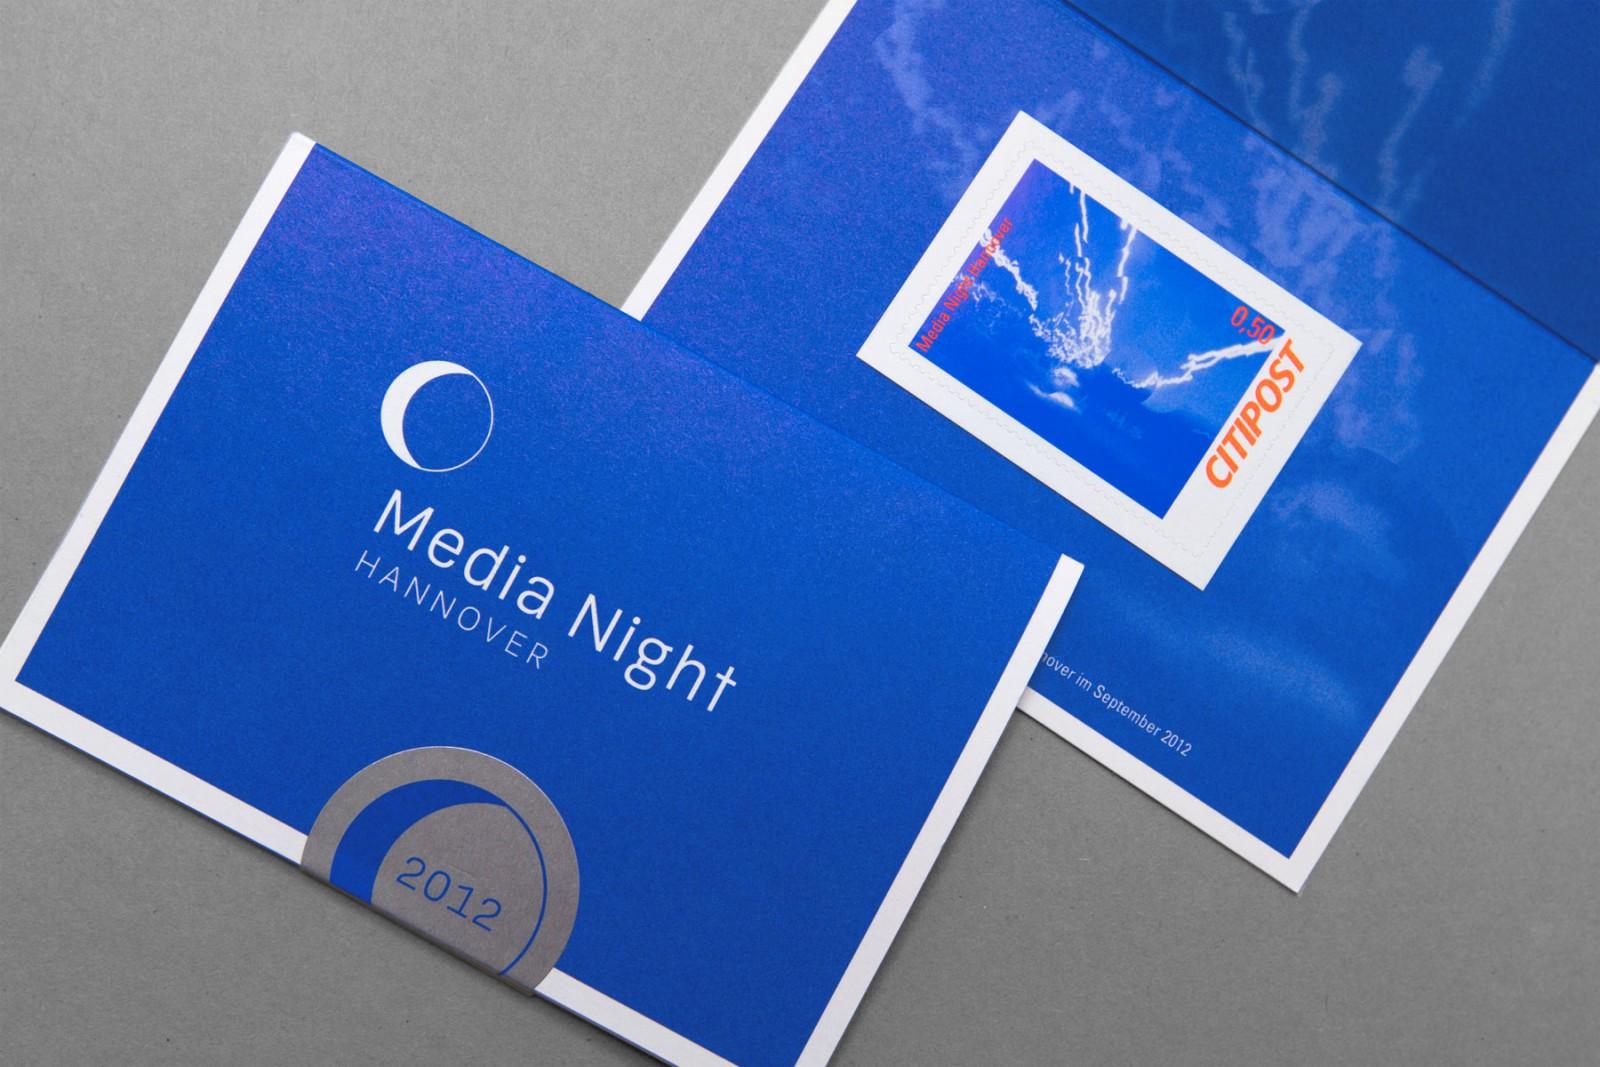 Media Night Hannover 2012—2015